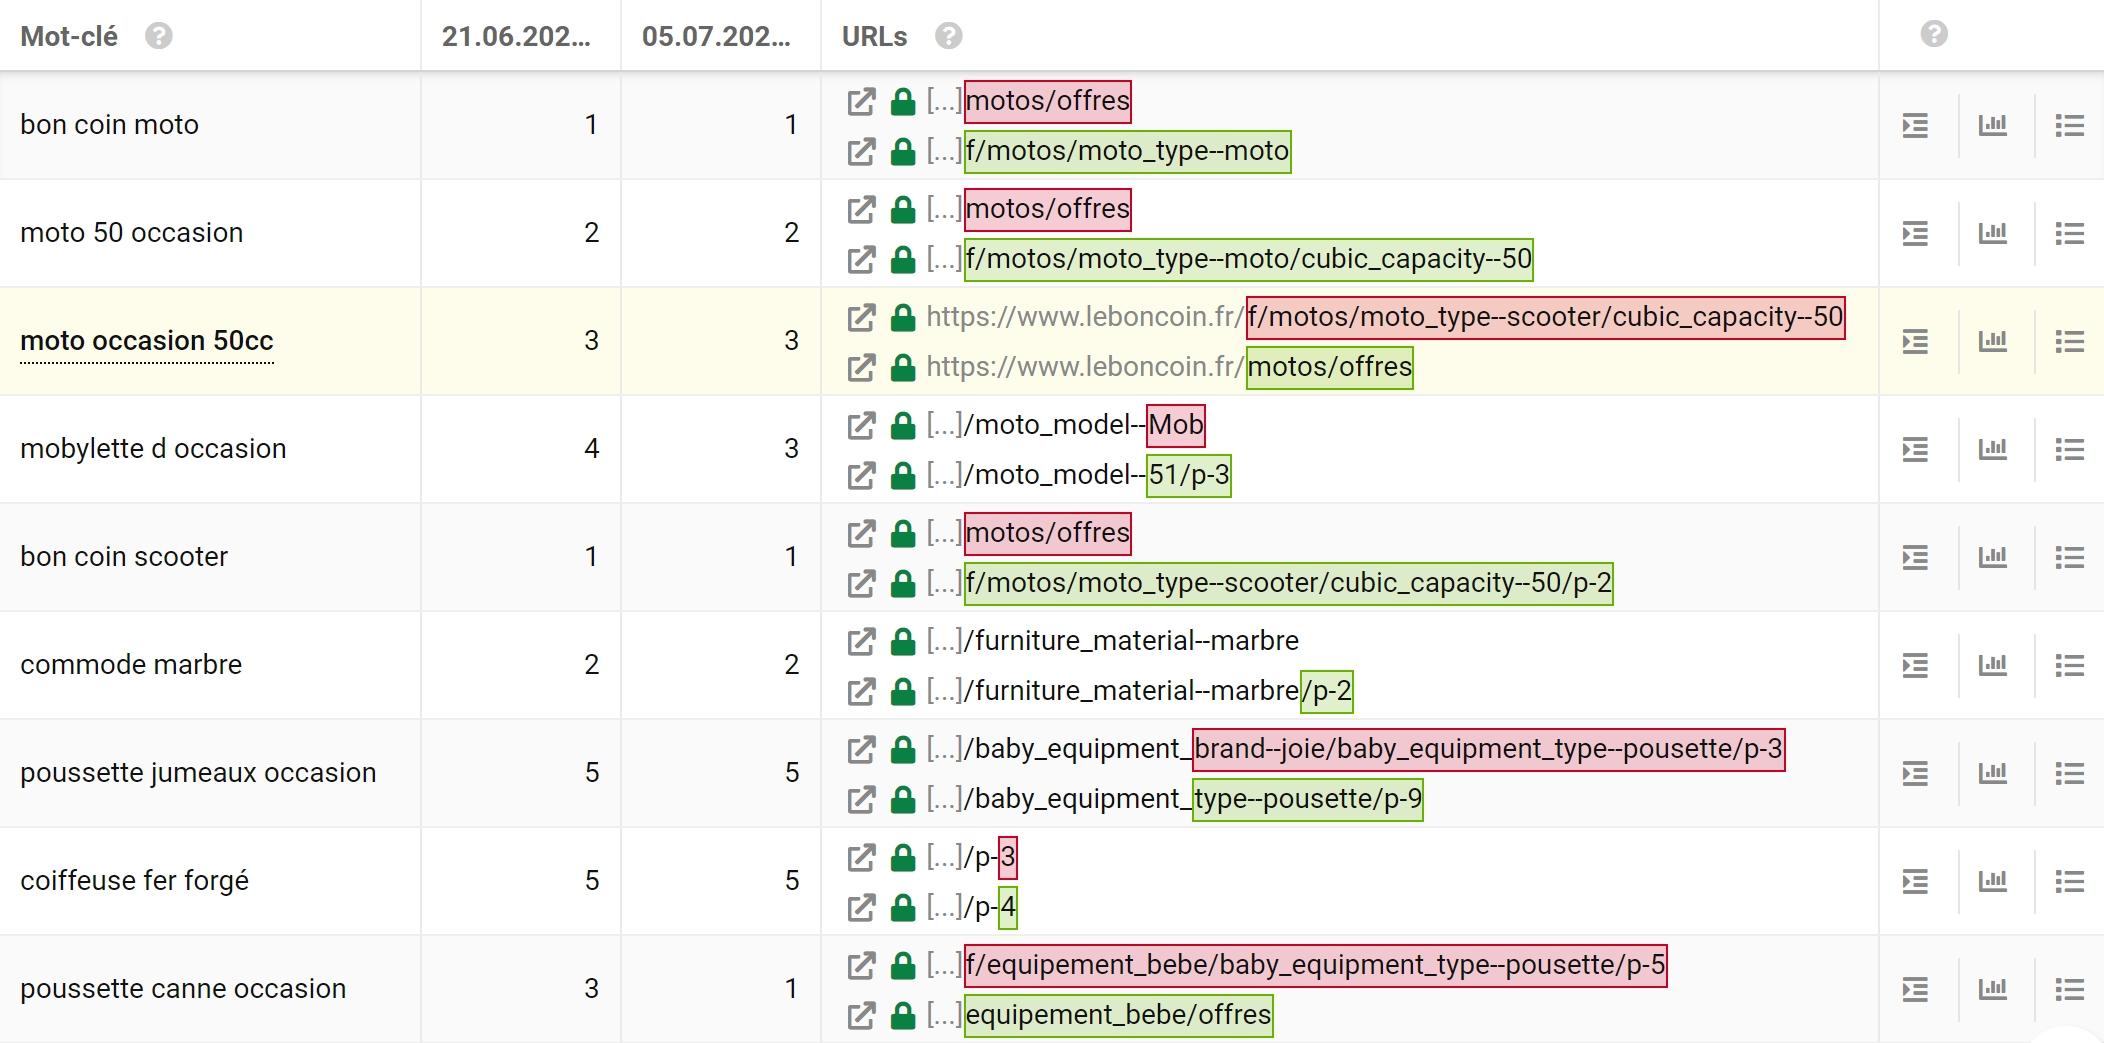 Extraits de la cannibalisation des URLs du site leboncoin.fr